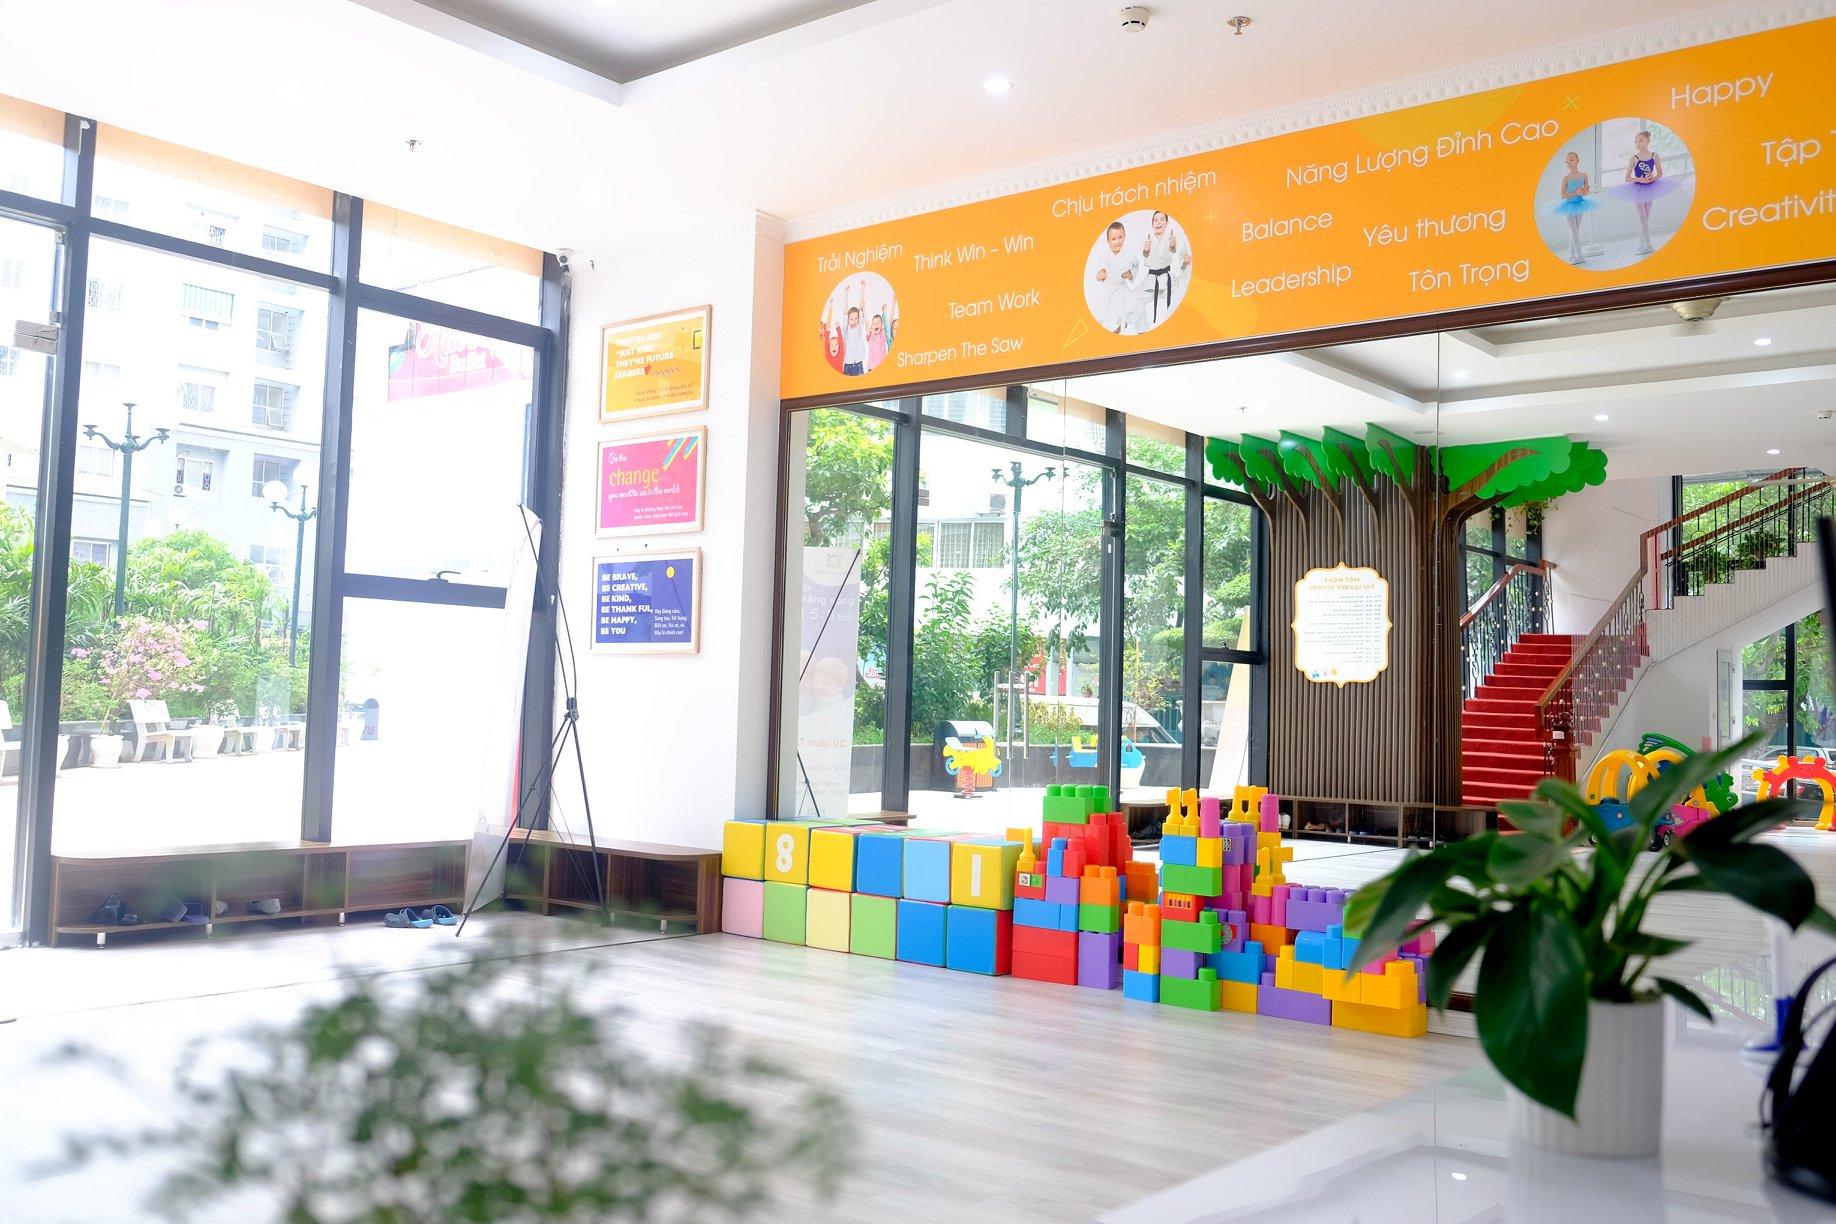 Cơ sở vật chất trường mầm non Leader School - Lãnh đạo tương lai tại quận Cầu Giấy và quận Nam Từ Liêm, Hà Nội (Ảnh: website trường via saobangmedia)